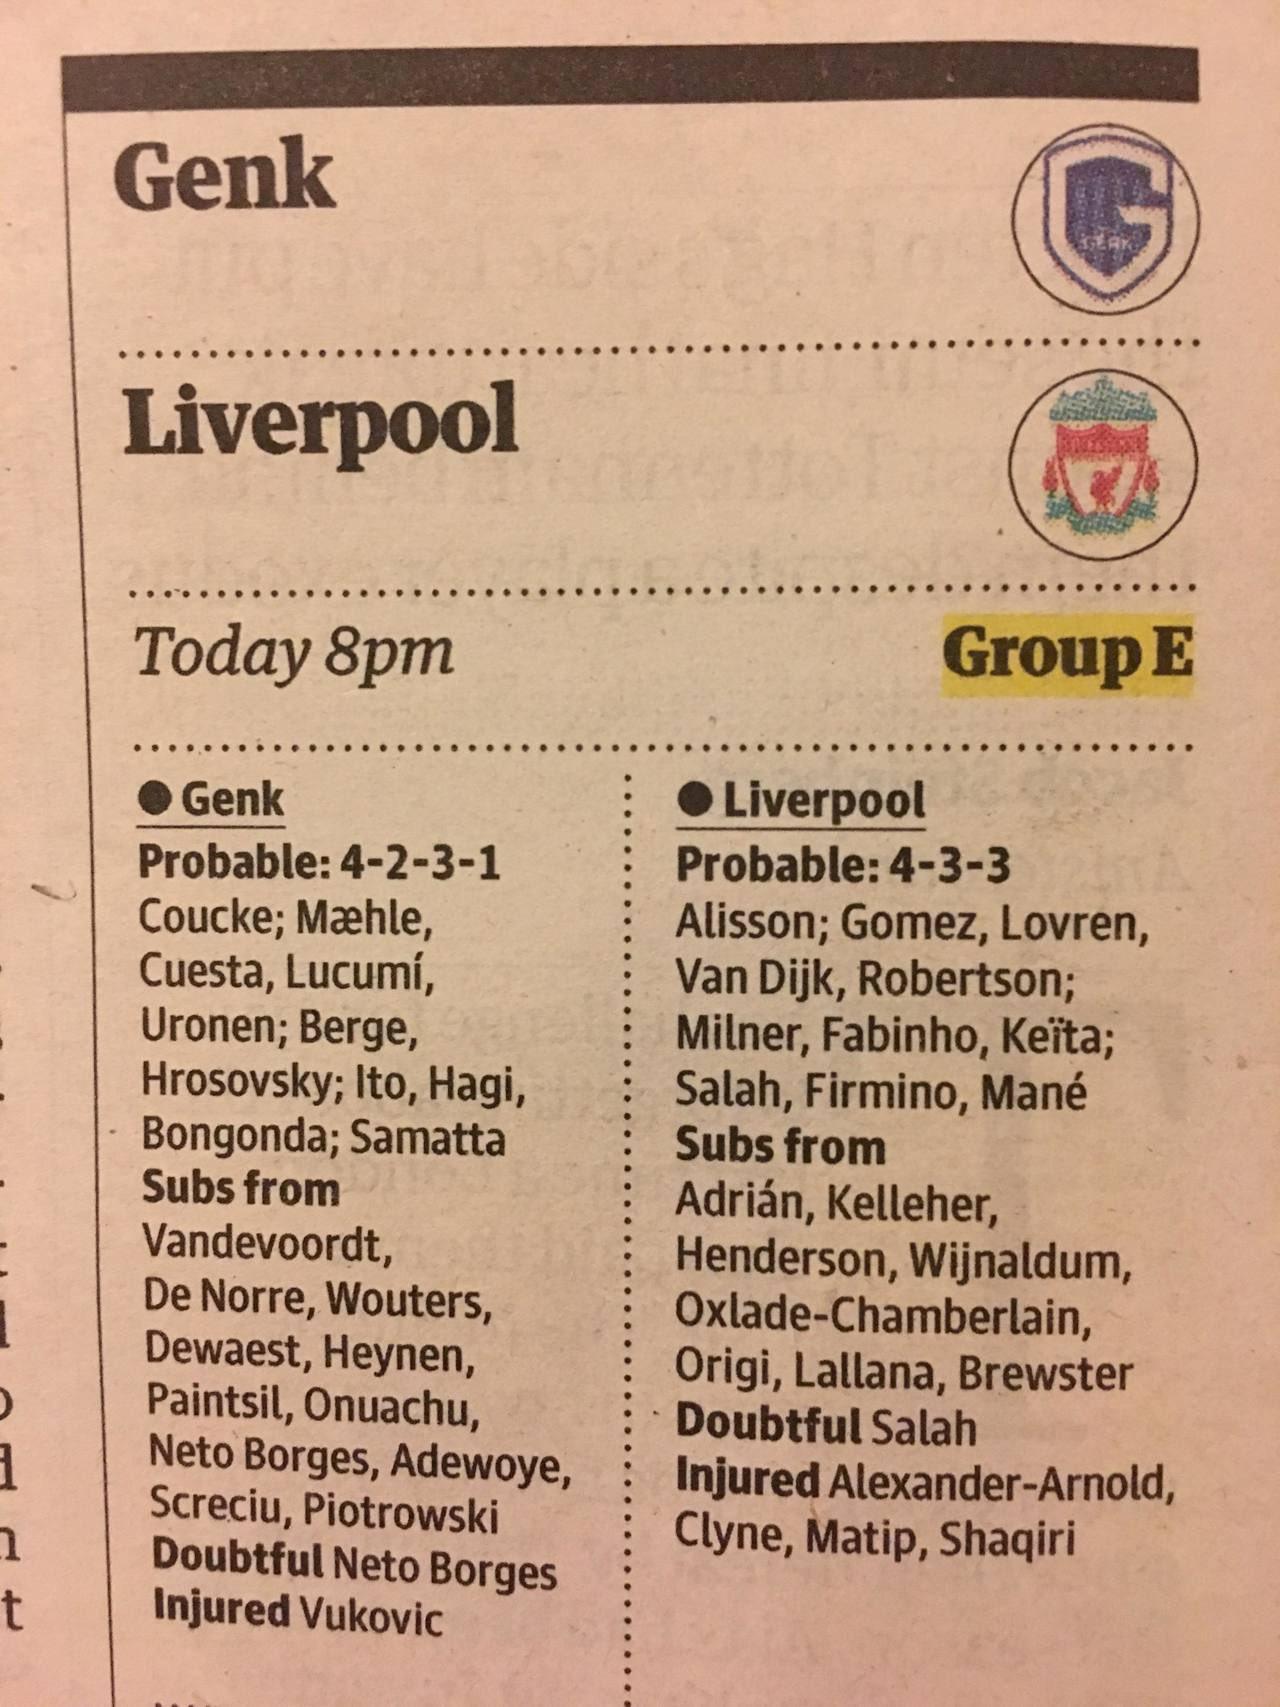 التشكيل المتوقع لمباراة جينك ضد ليفربول